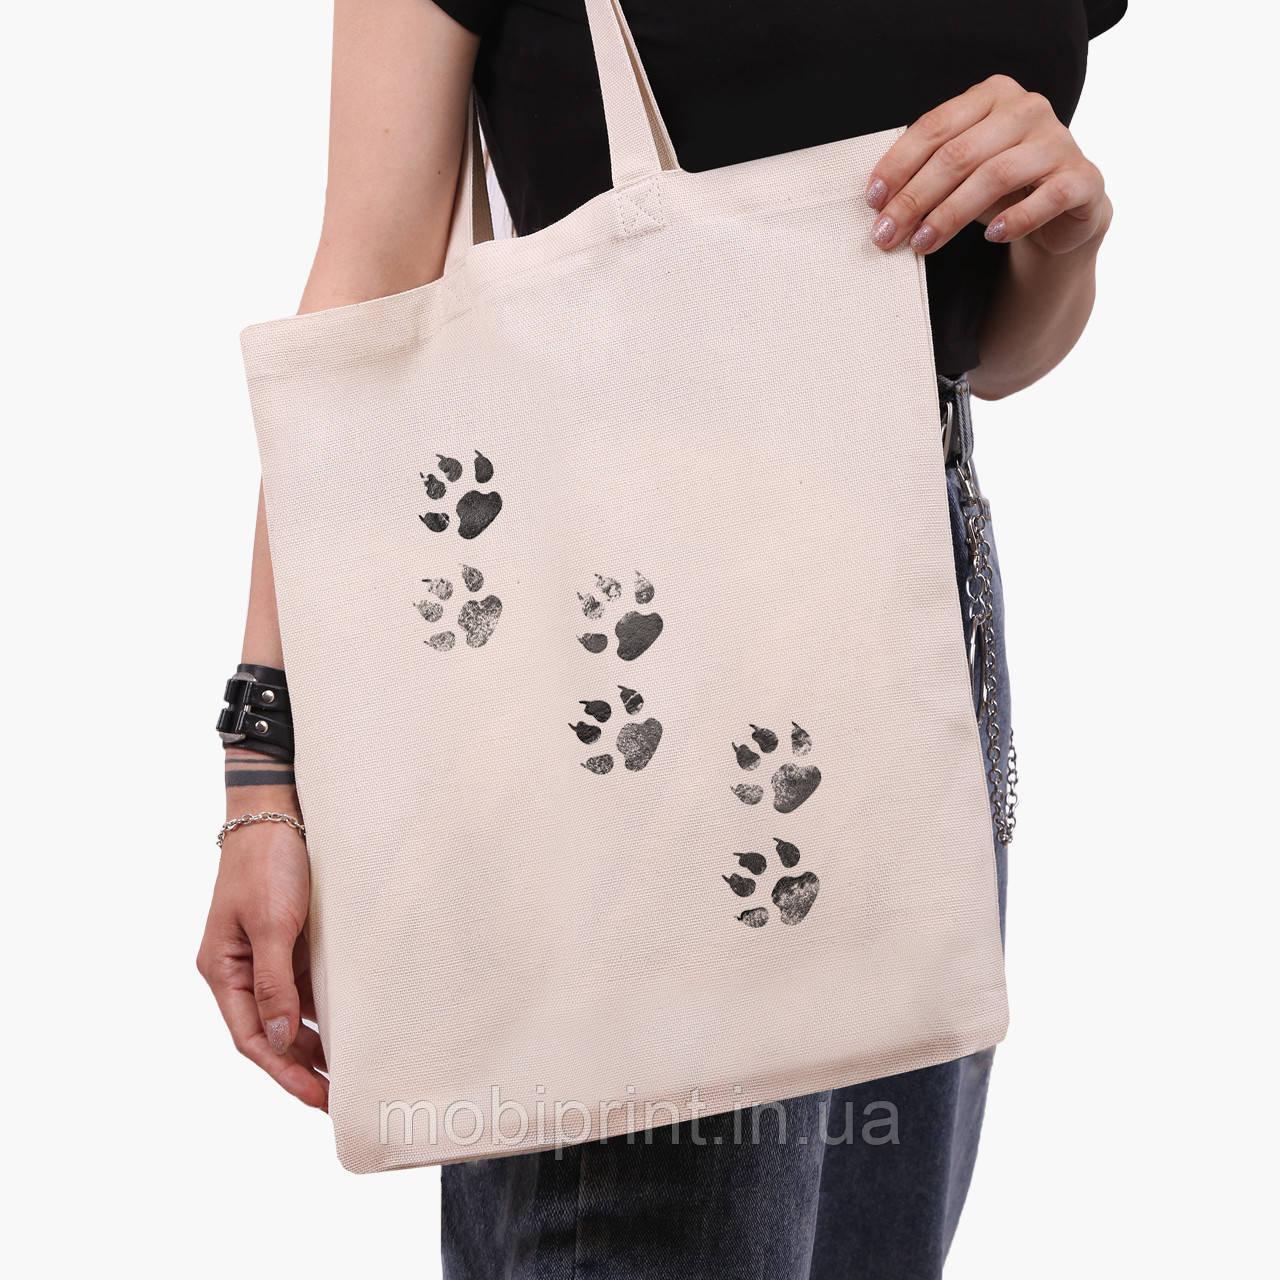 Эко сумка шоппер Лапки (Paws) (9227-1755)  экосумка шопер 41*35 см